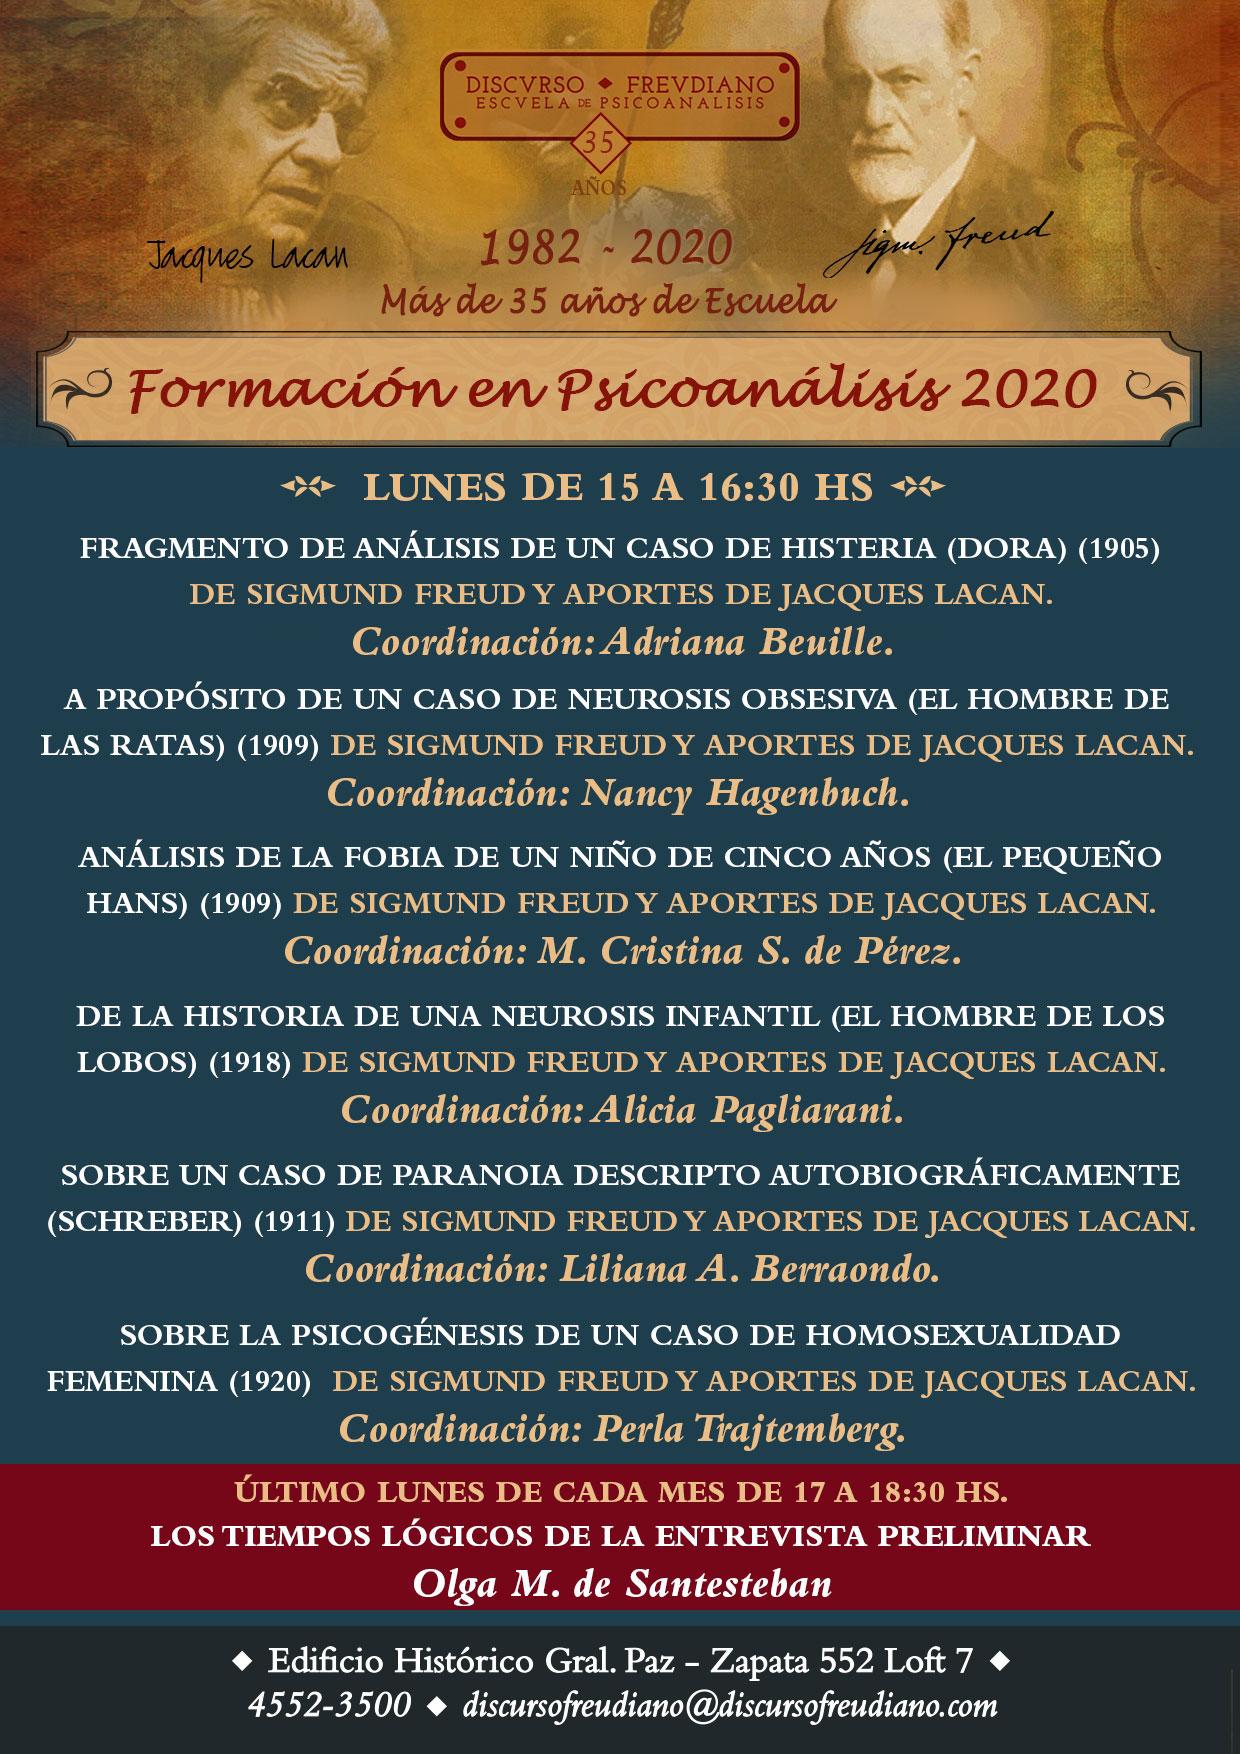 Formación en psicoanálisis 2020